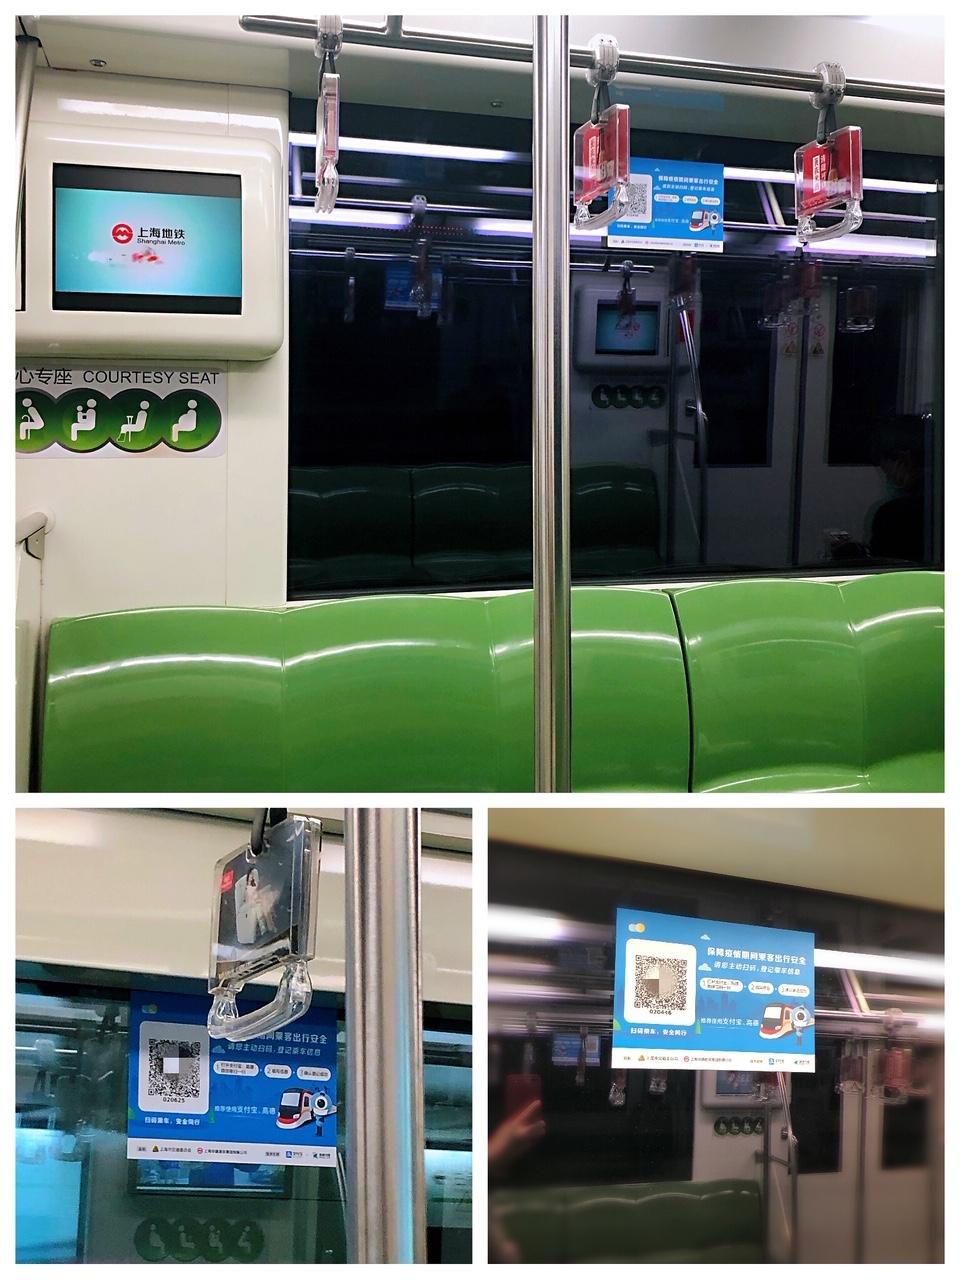 上海・地下鉄乗車時に任意登録スタート